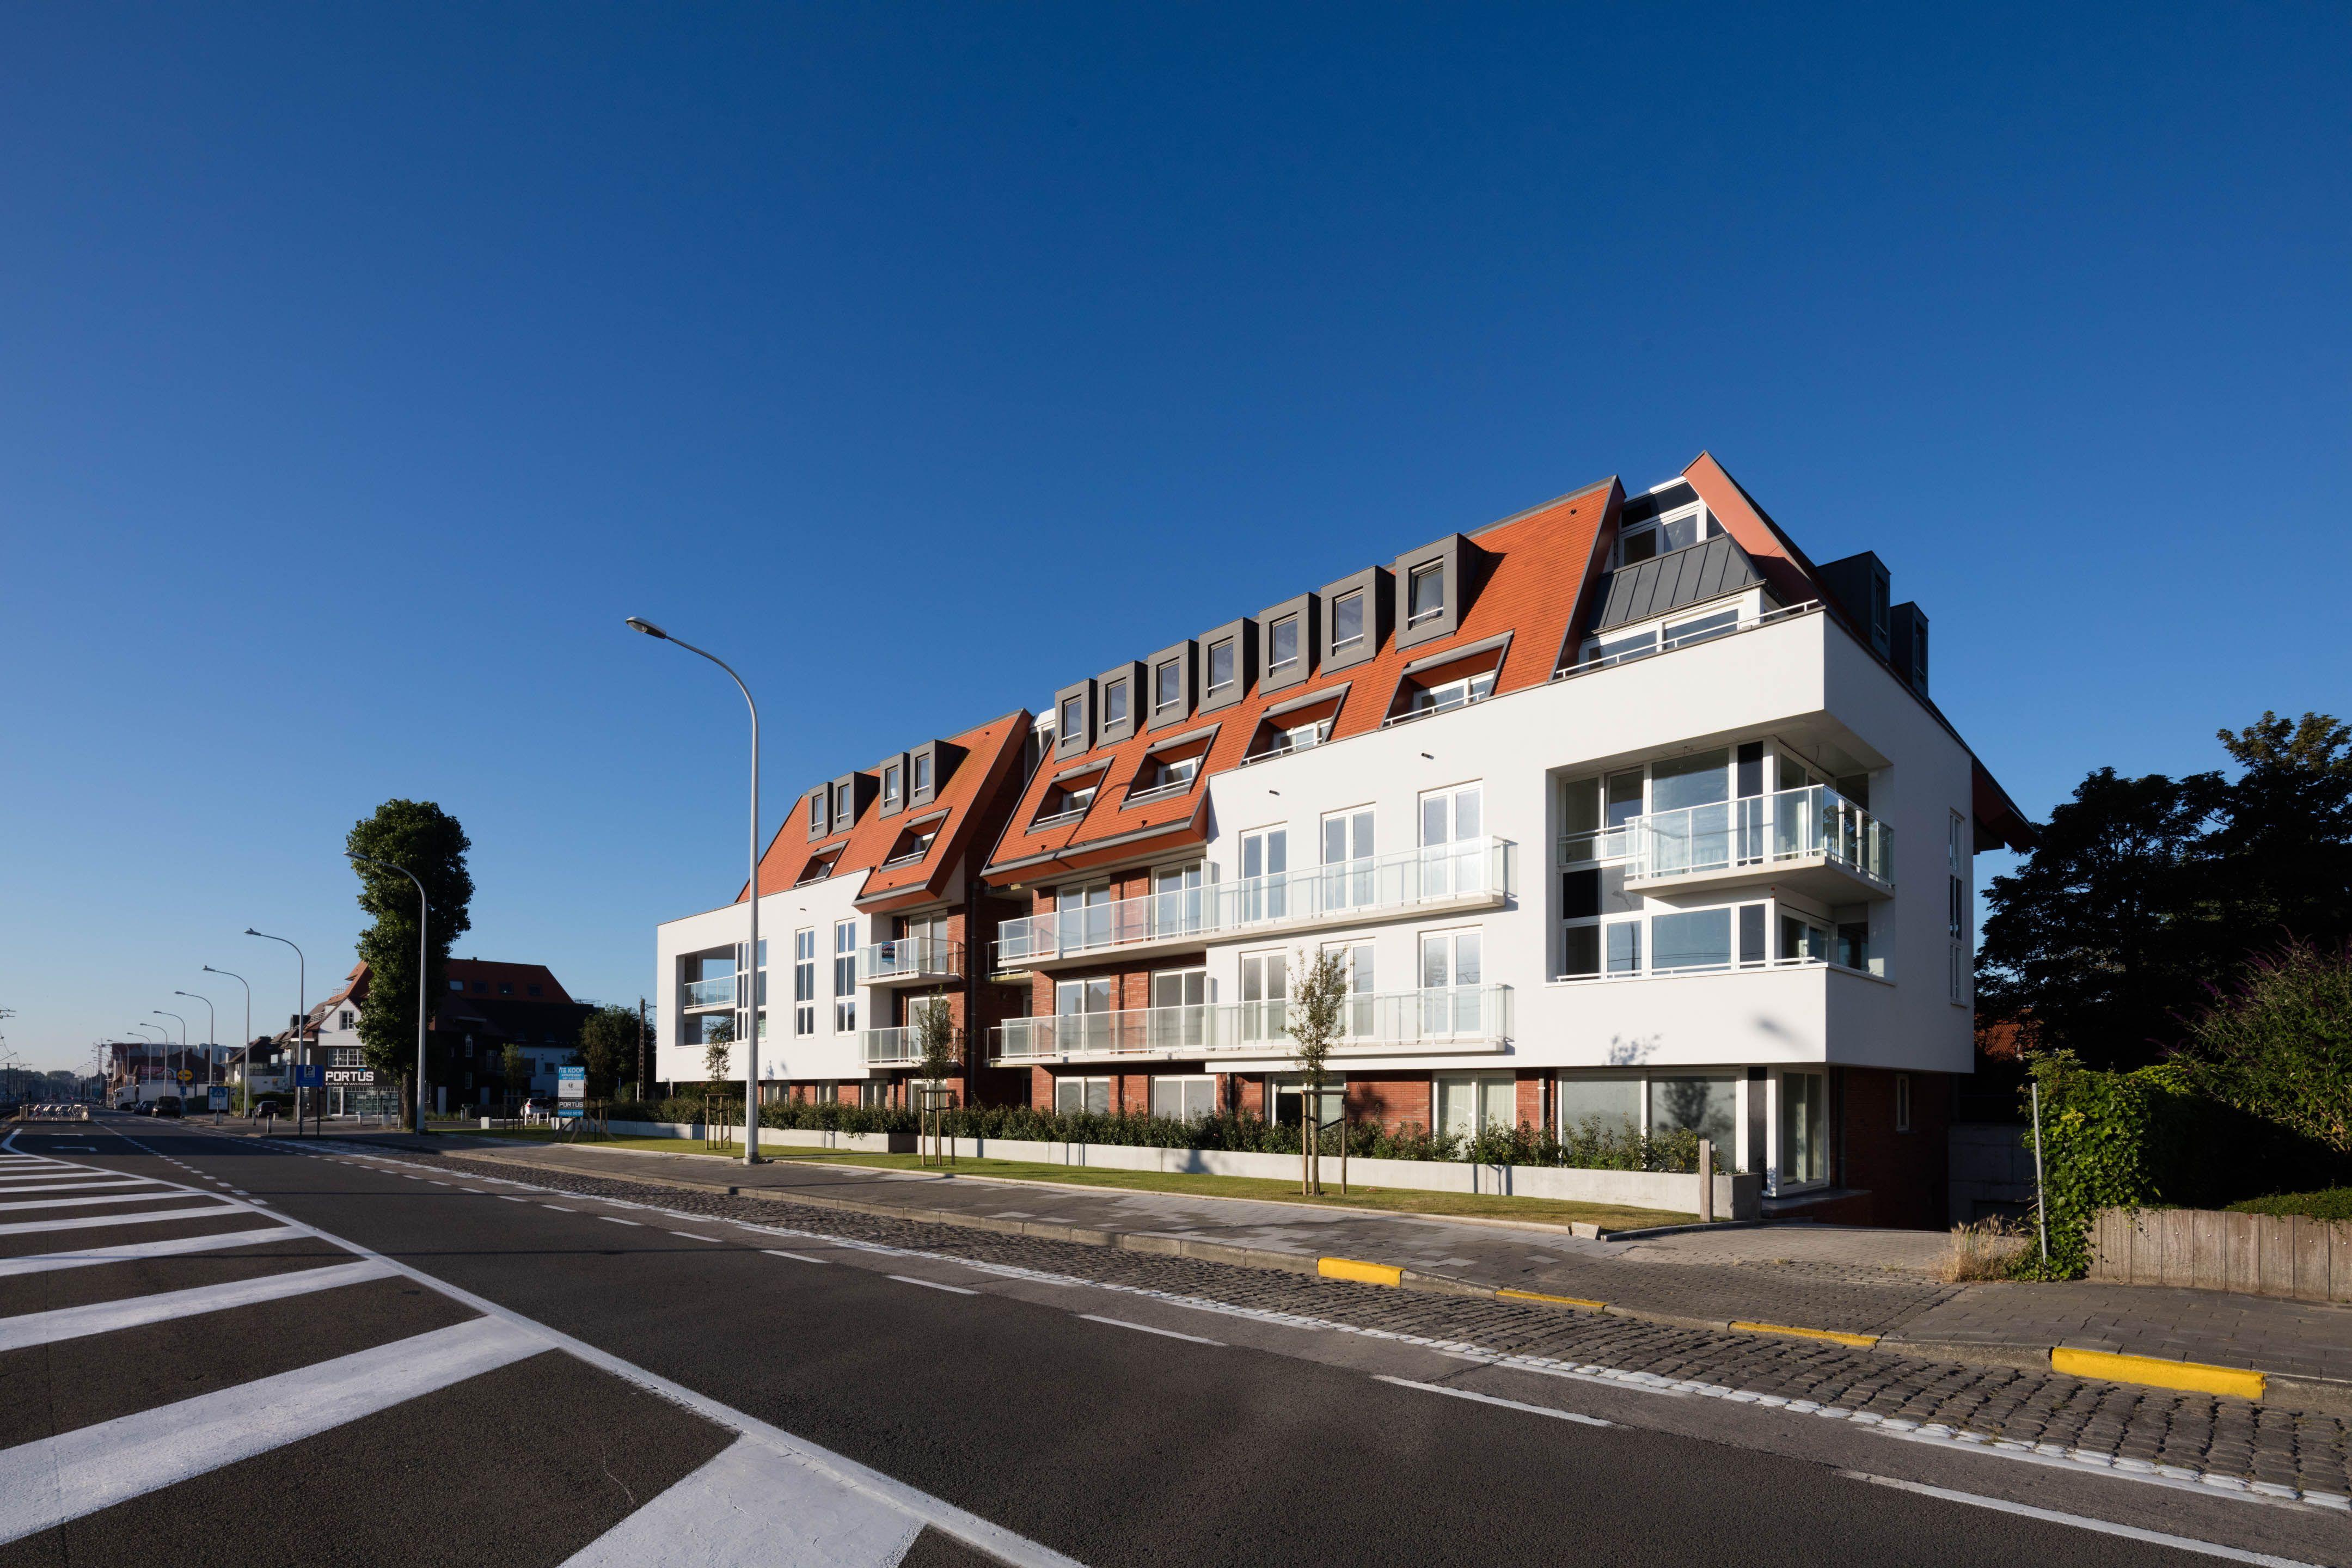 Appartement Residentie Villa Crombez Nieuwpoort - 9272